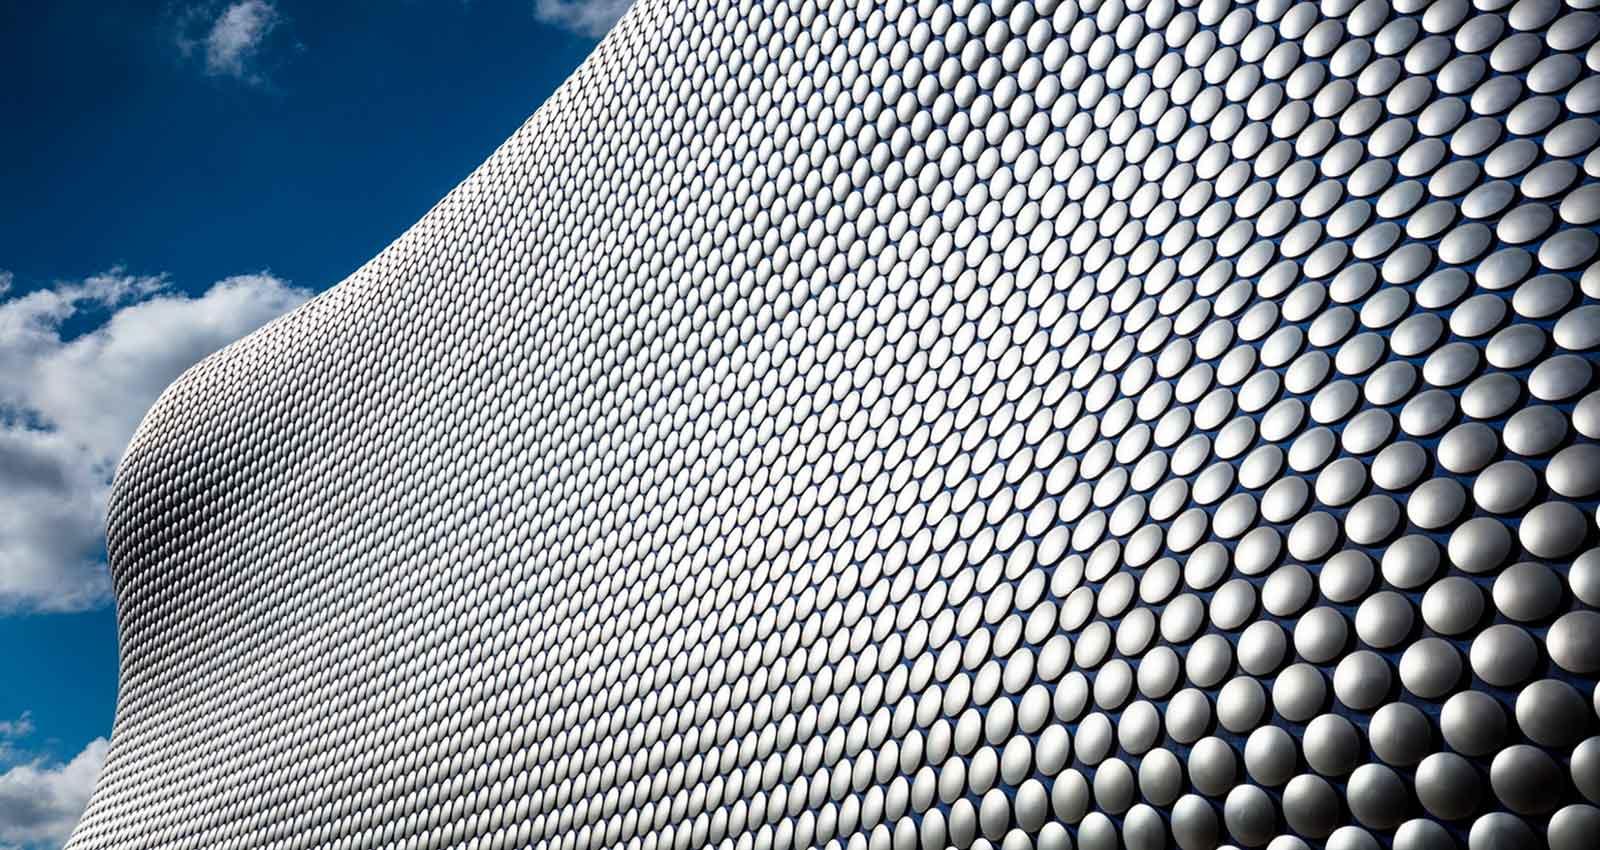 selfridges-building-birmingham-alluminio-edilizia